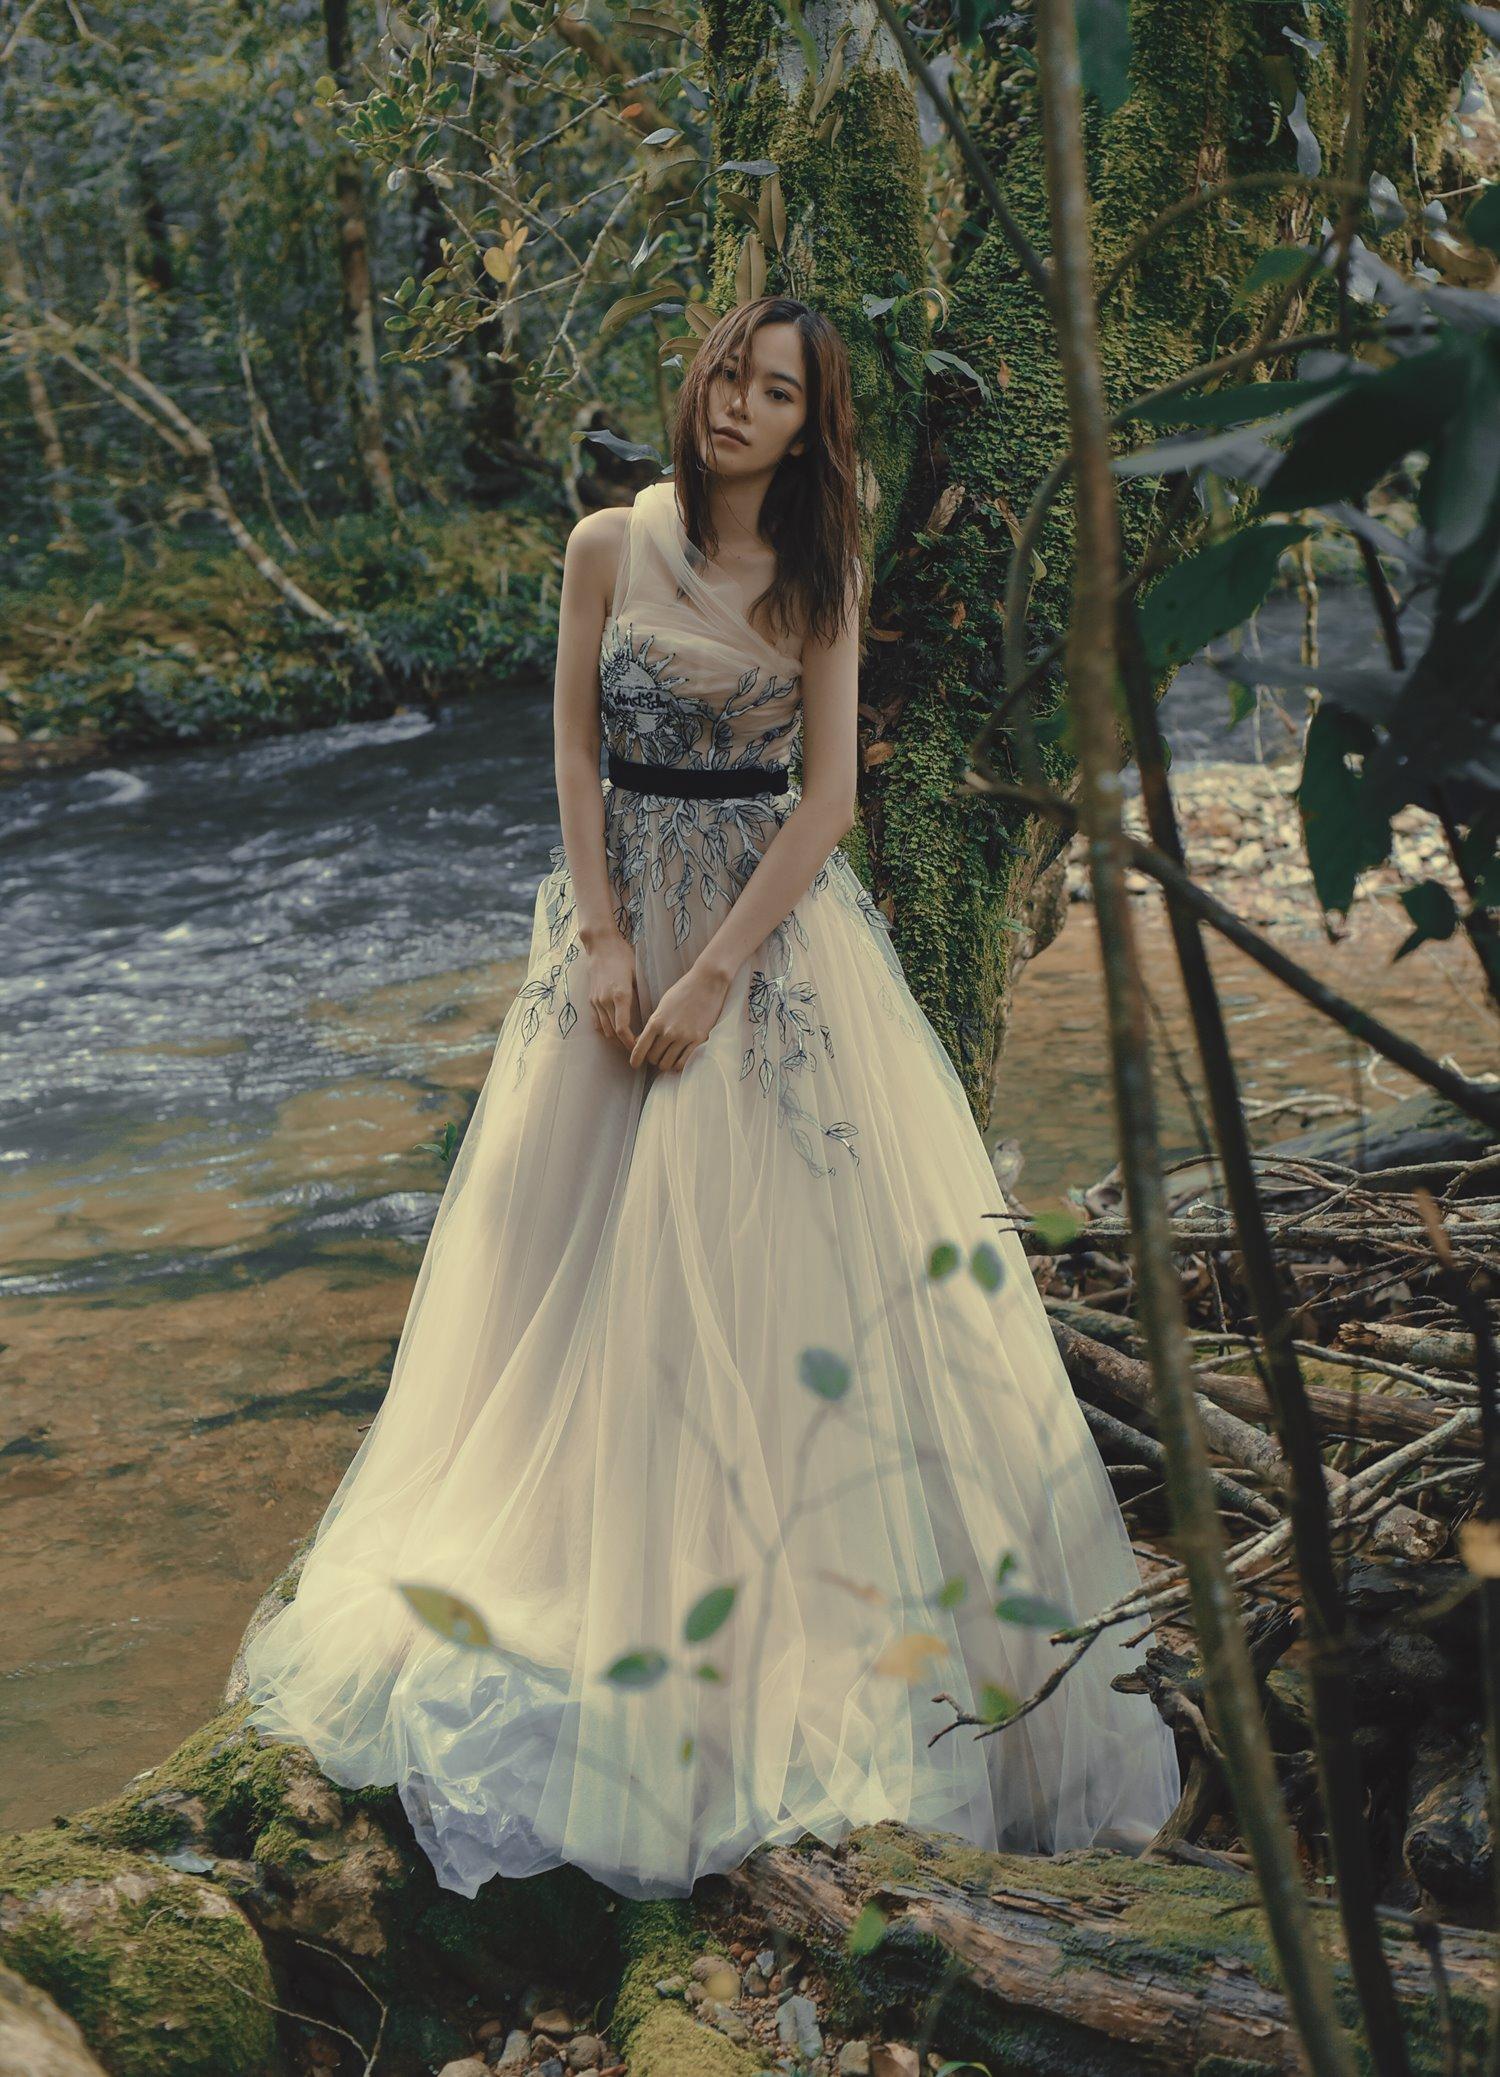 Rũ bỏ hình ảnh cá tính, Nam Em khiến khán giả bất ngờ khi hóa thành tiên nữ giáng trần hòa mình giữa thiên nhiên. Những chiếc váy dài bồng bềnh giúp cô trở nên xinh đẹp và quyến rũ hơn.